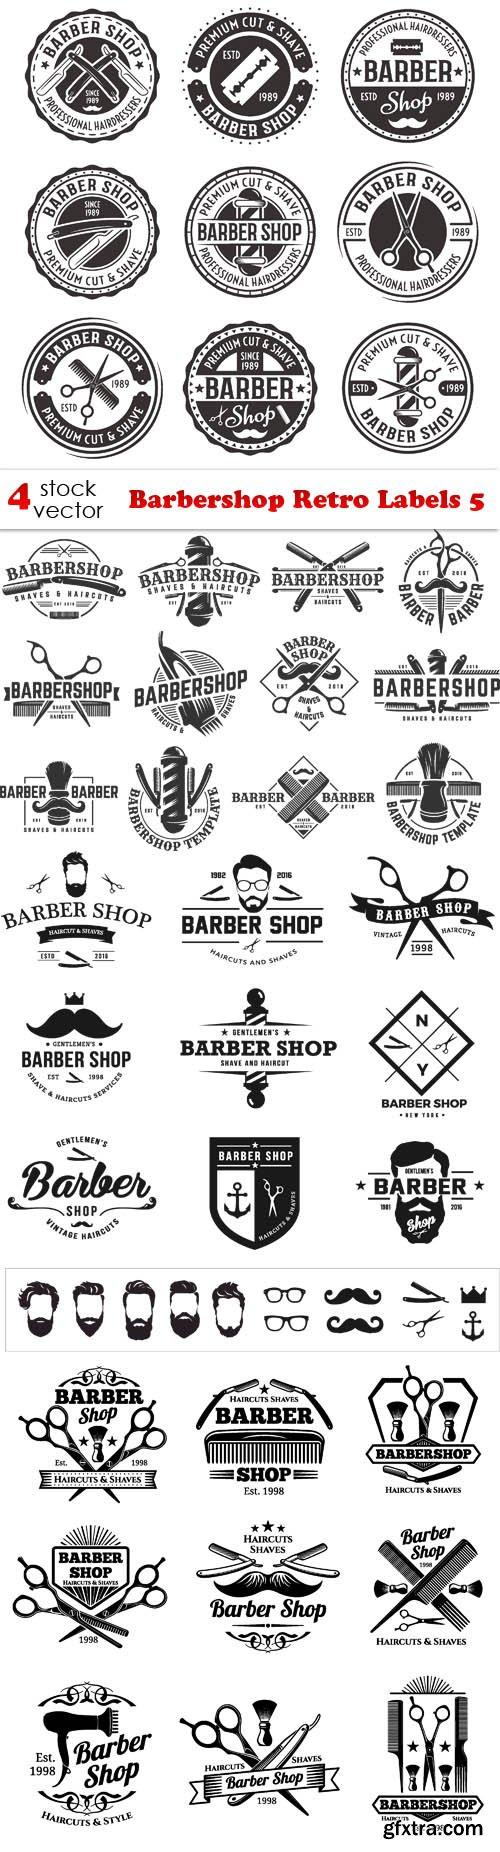 Vectors - Barbershop Retro Labels 5